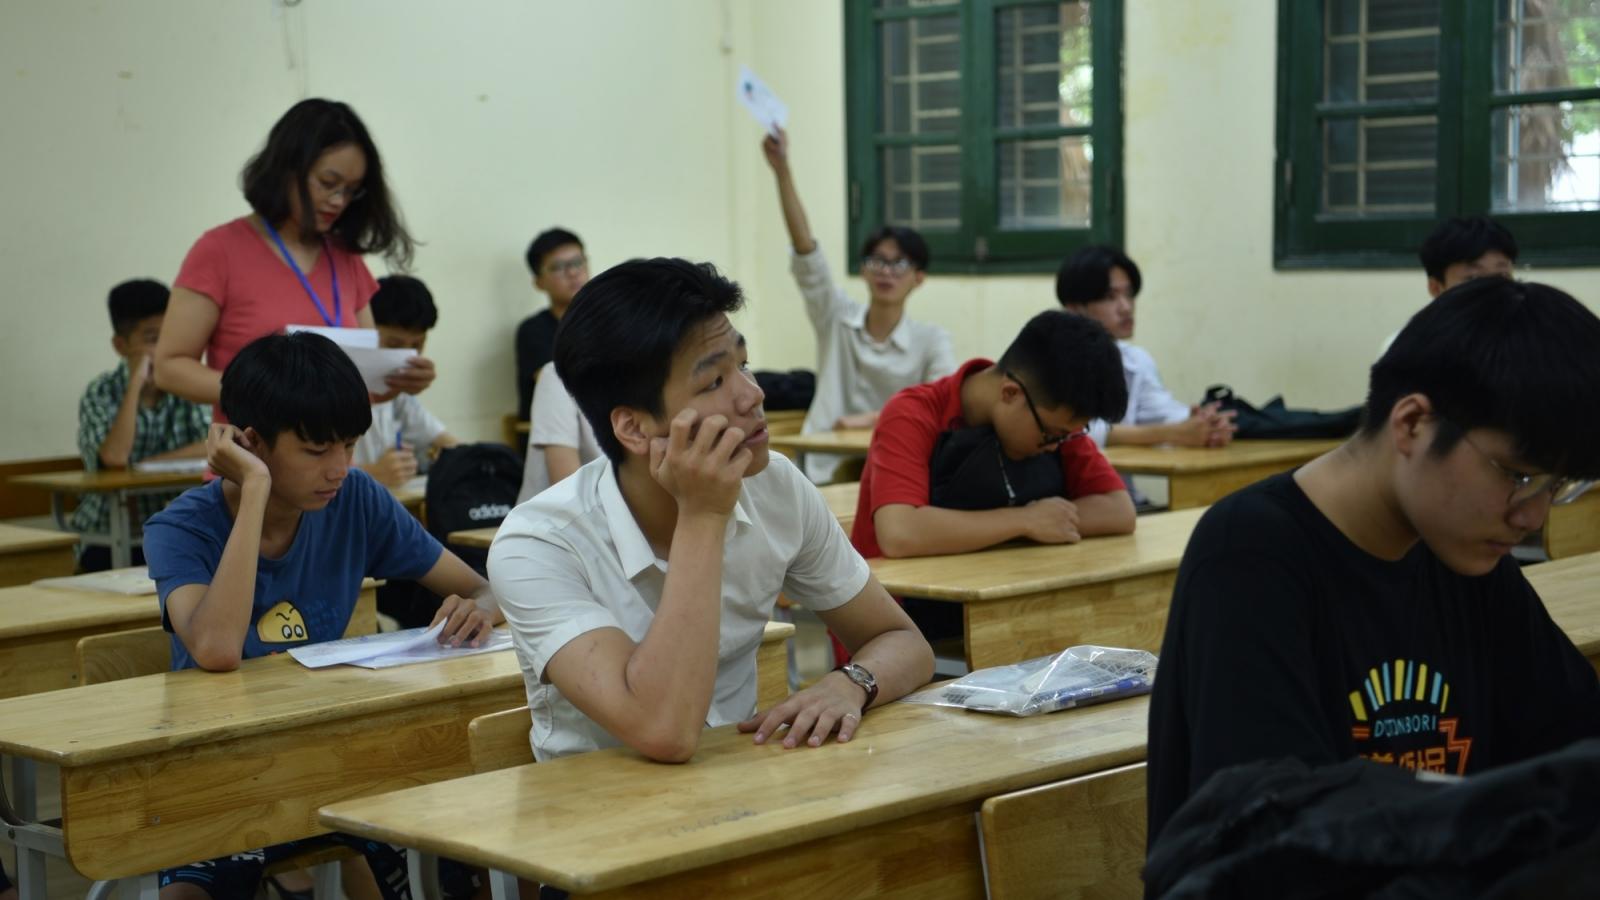 3 thí sinh vi phạm quy chế khi làm bài thi Ngữ văn vào 10 tại Hà Nội